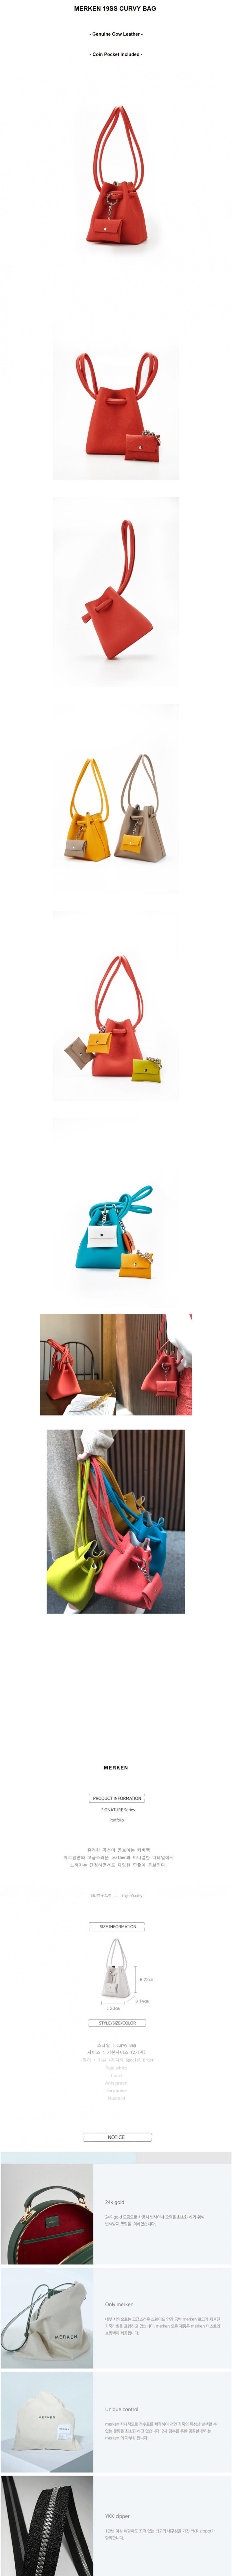 메르켄(MERKEN) Curvy Candy bag - Coral